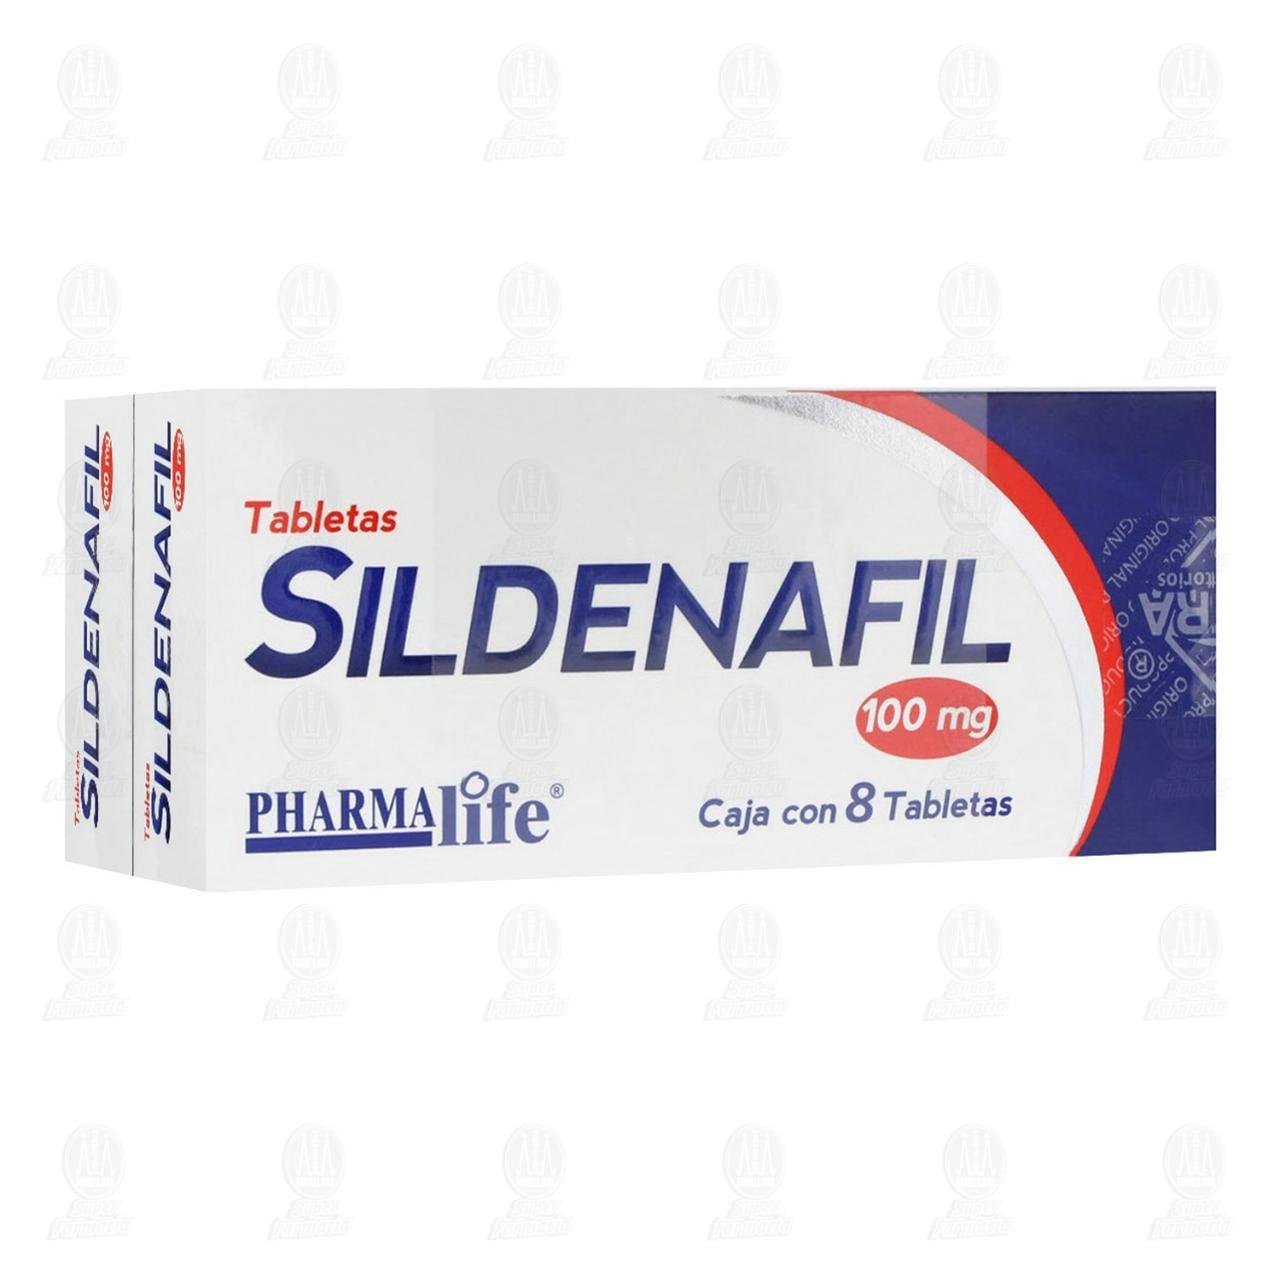 Sildenafil 100mg 16 Tabletas Pharmalife 2 Cajas de 8 Tabletas c/u